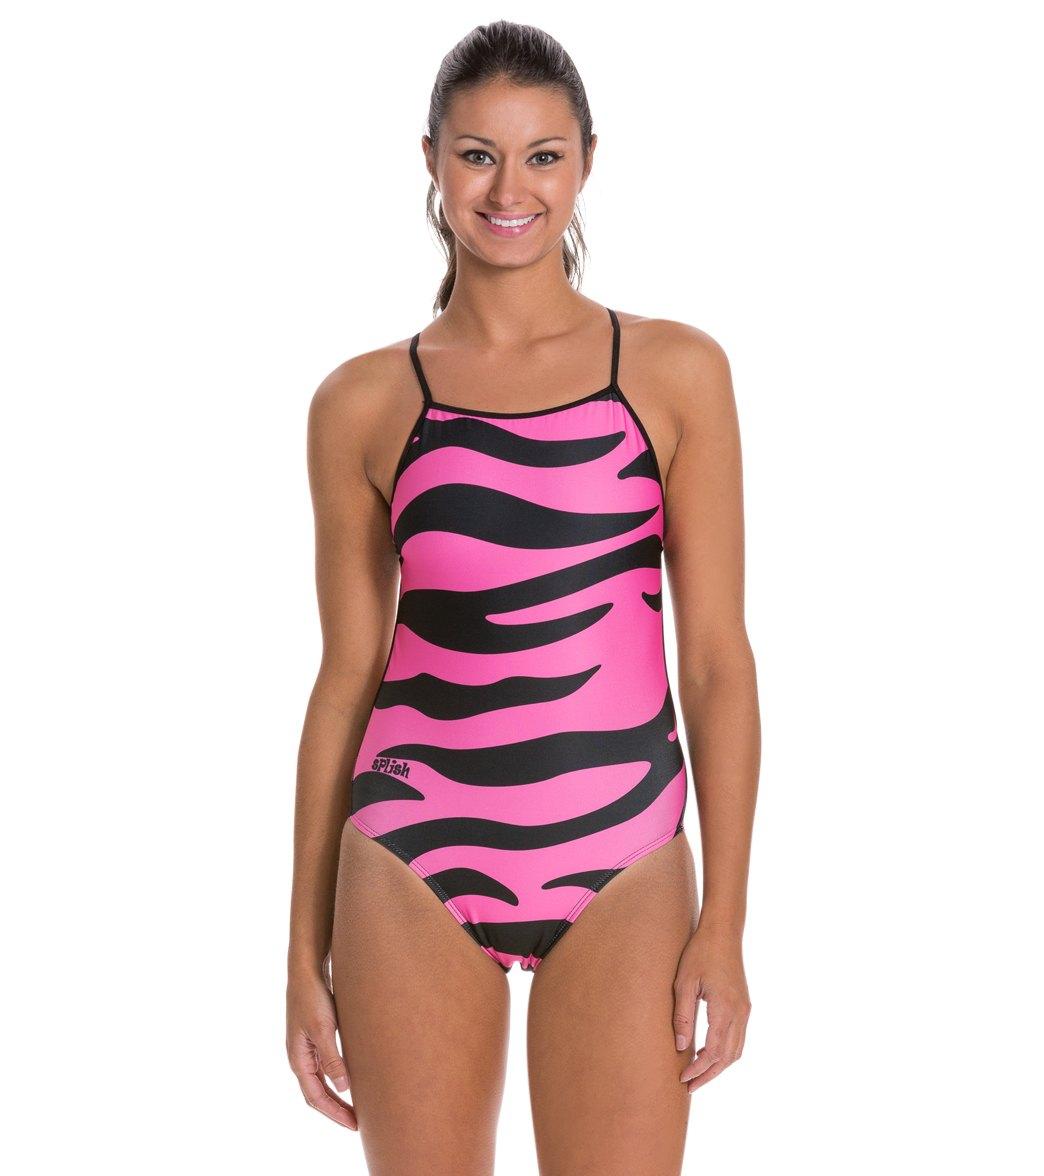 0f298e44da385 Splish Pink Tiger Super Thin Strap One Piece Swimsuit at SwimOutlet.com -  Free Shipping